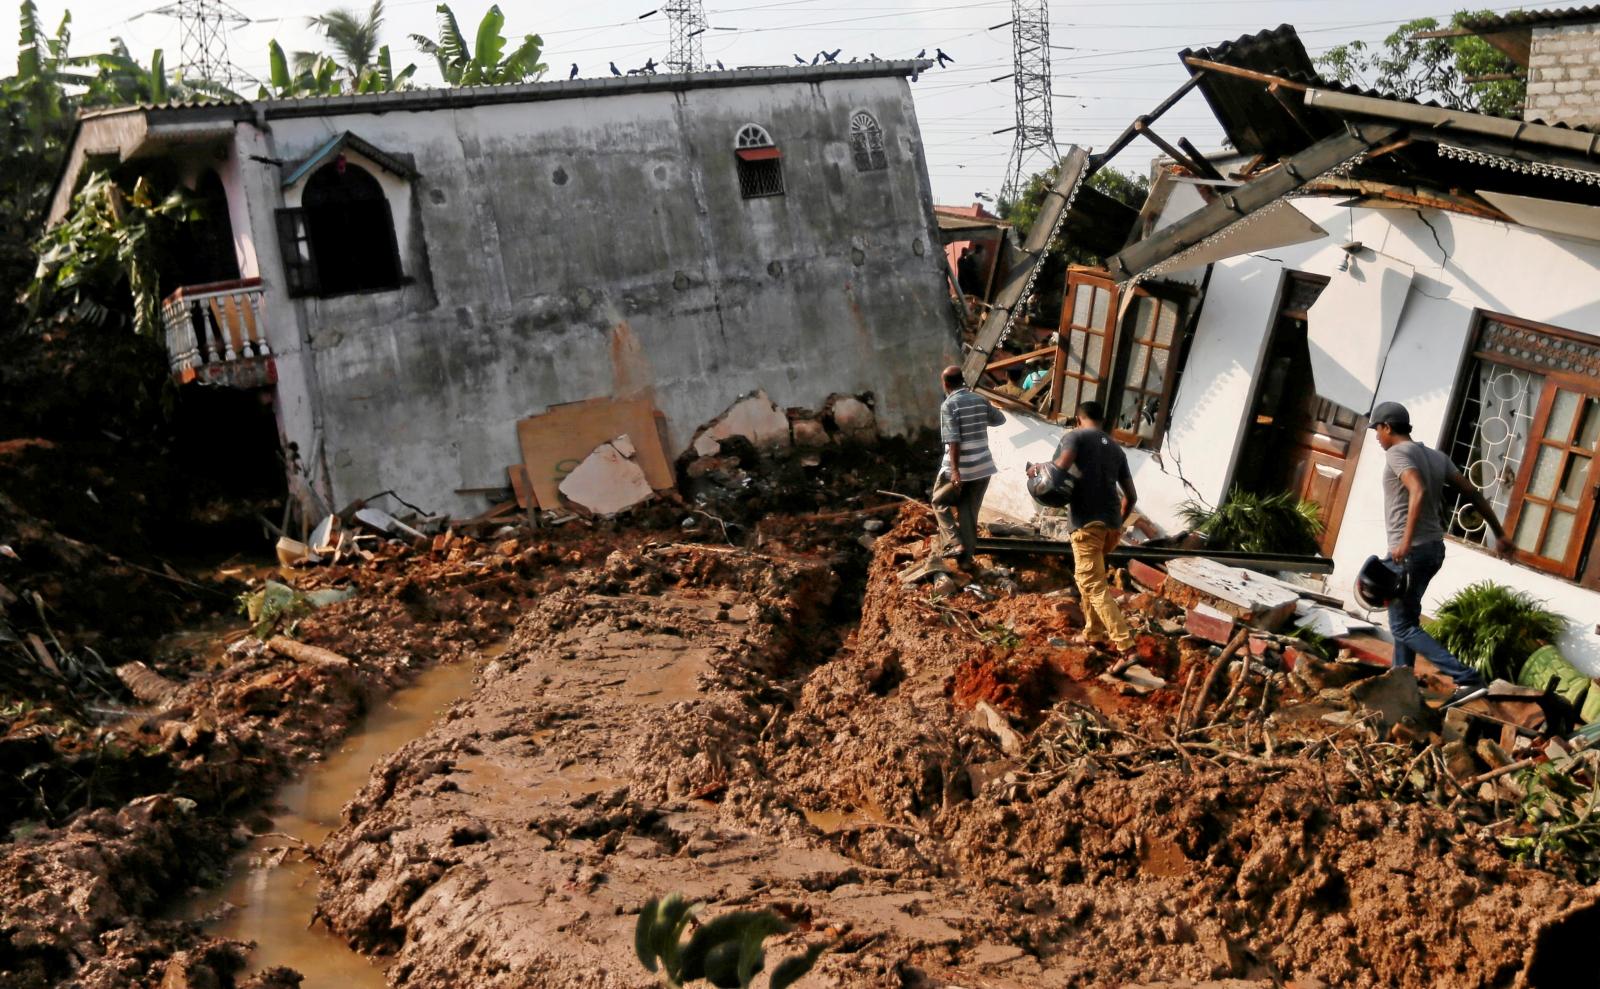 Sri Lanka garbage landslide